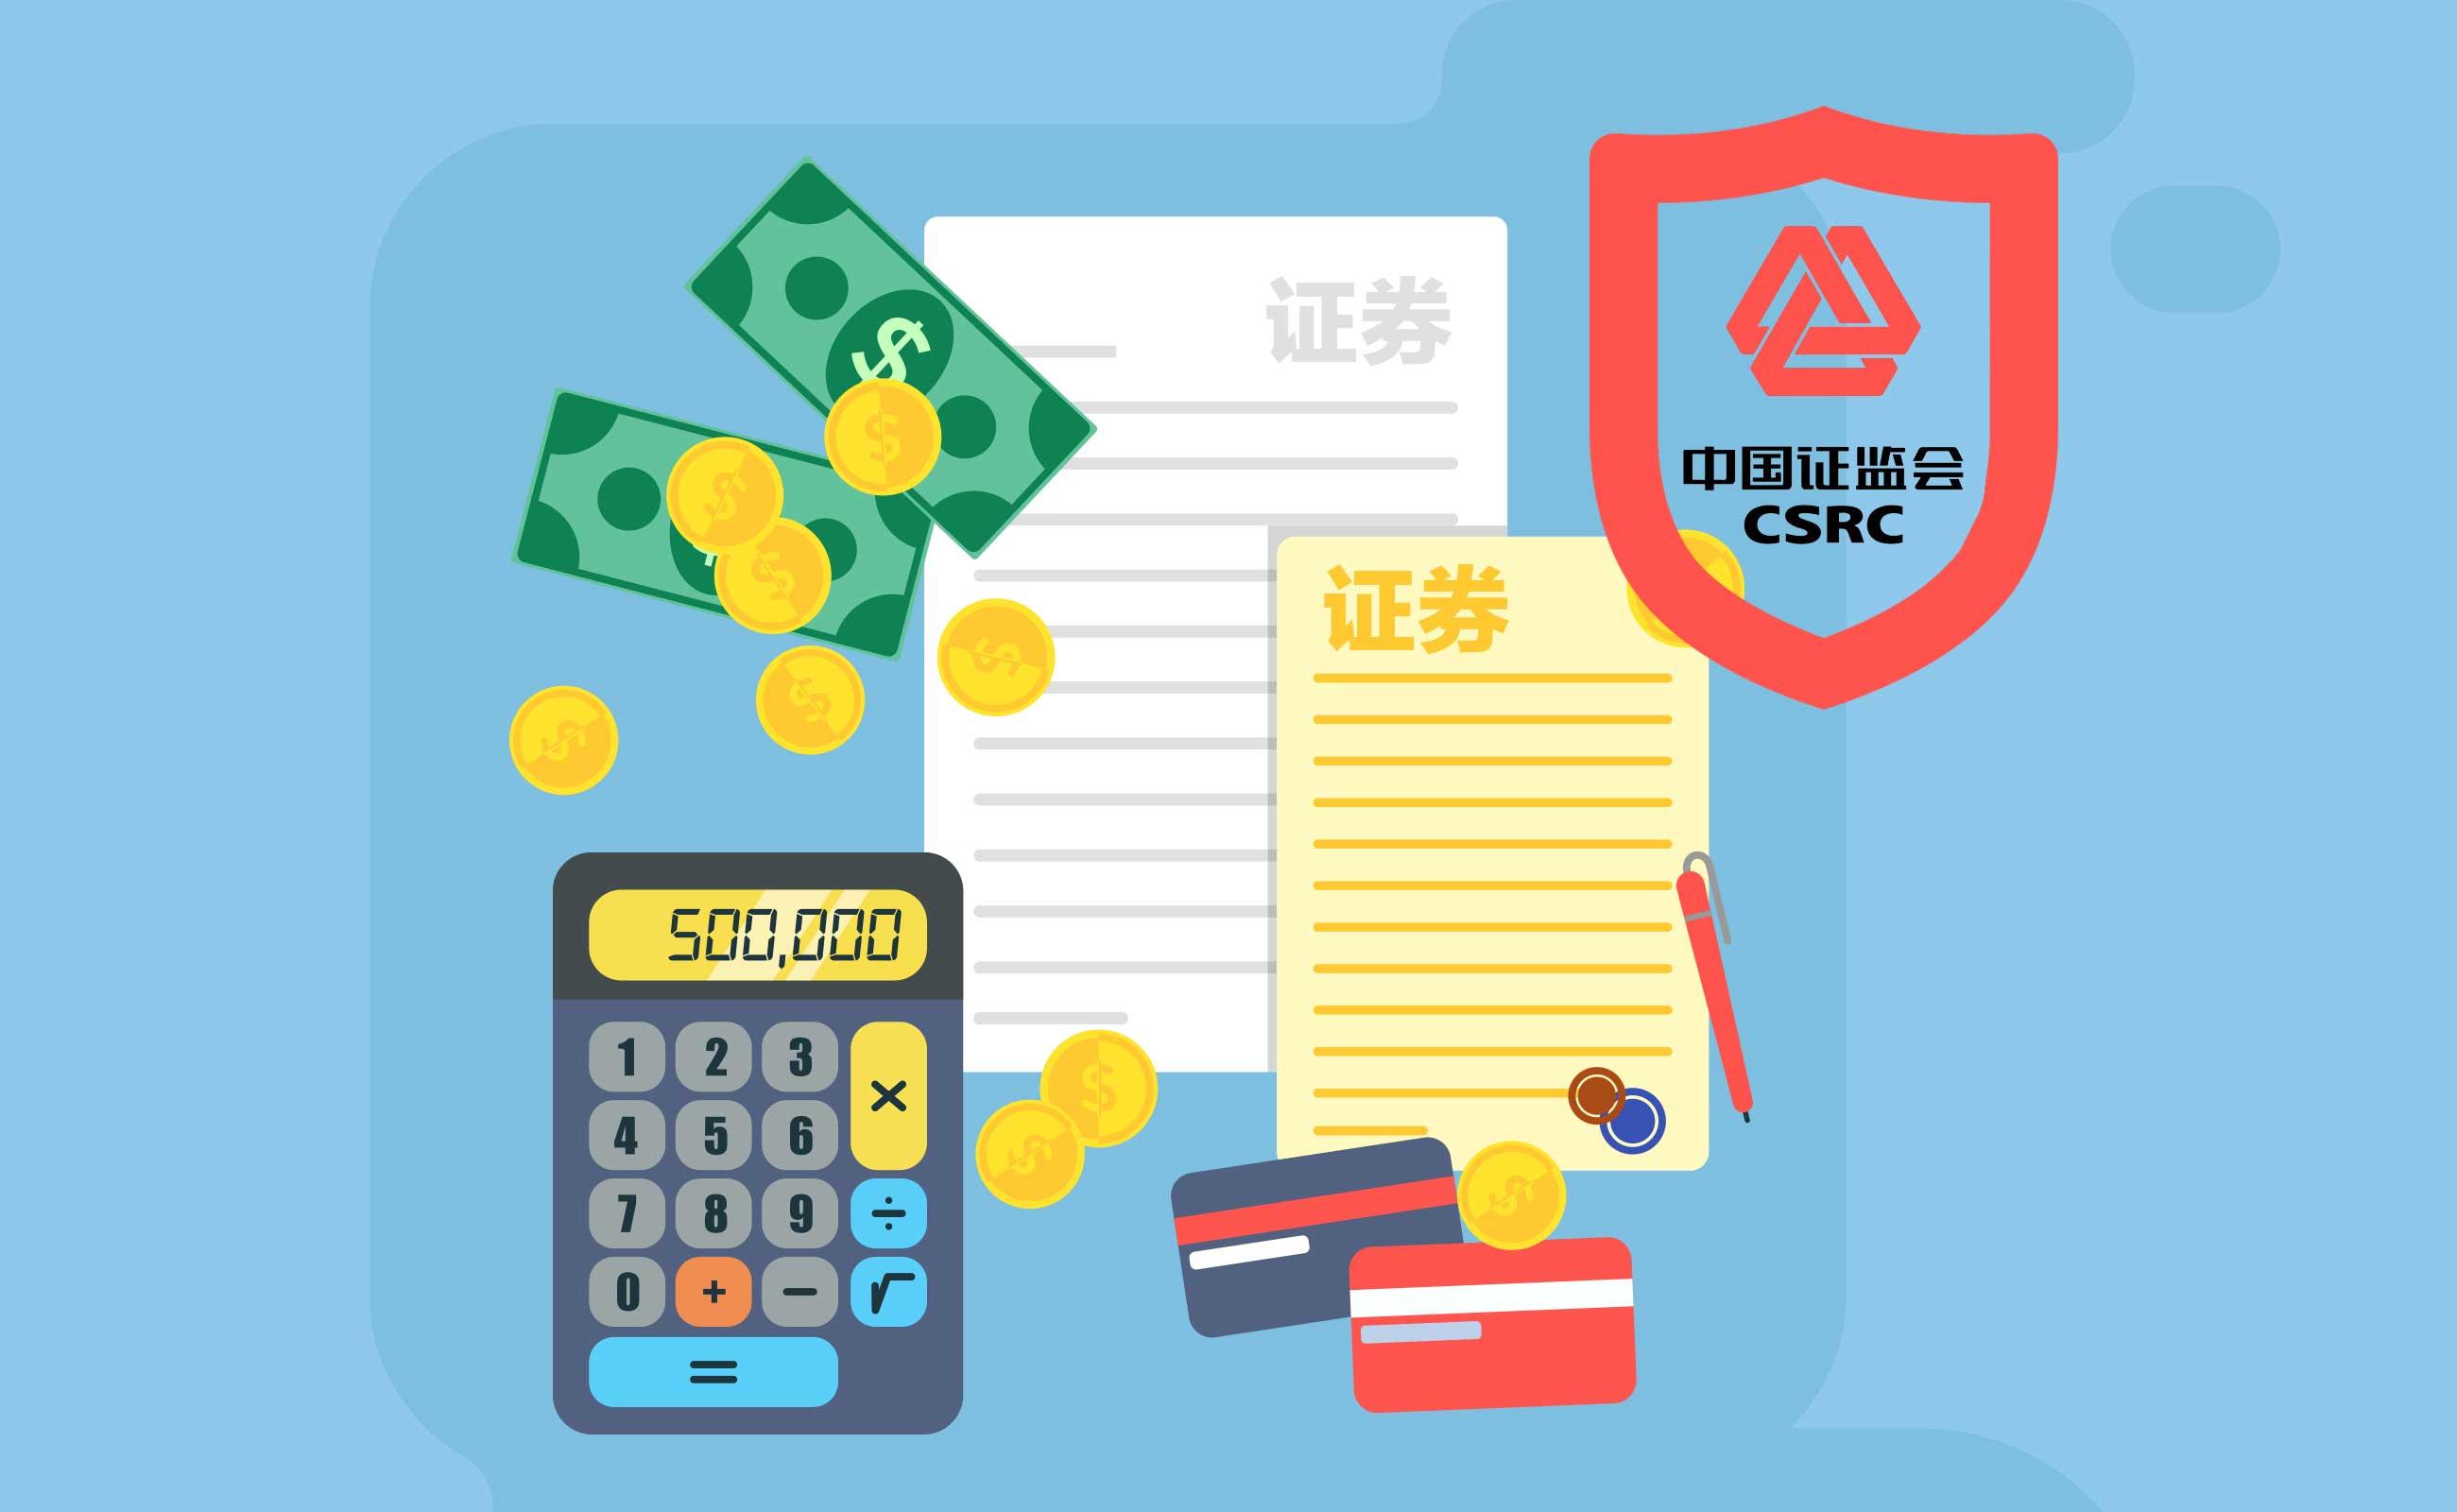 赵争平:探索建立资本市场产品标准体系